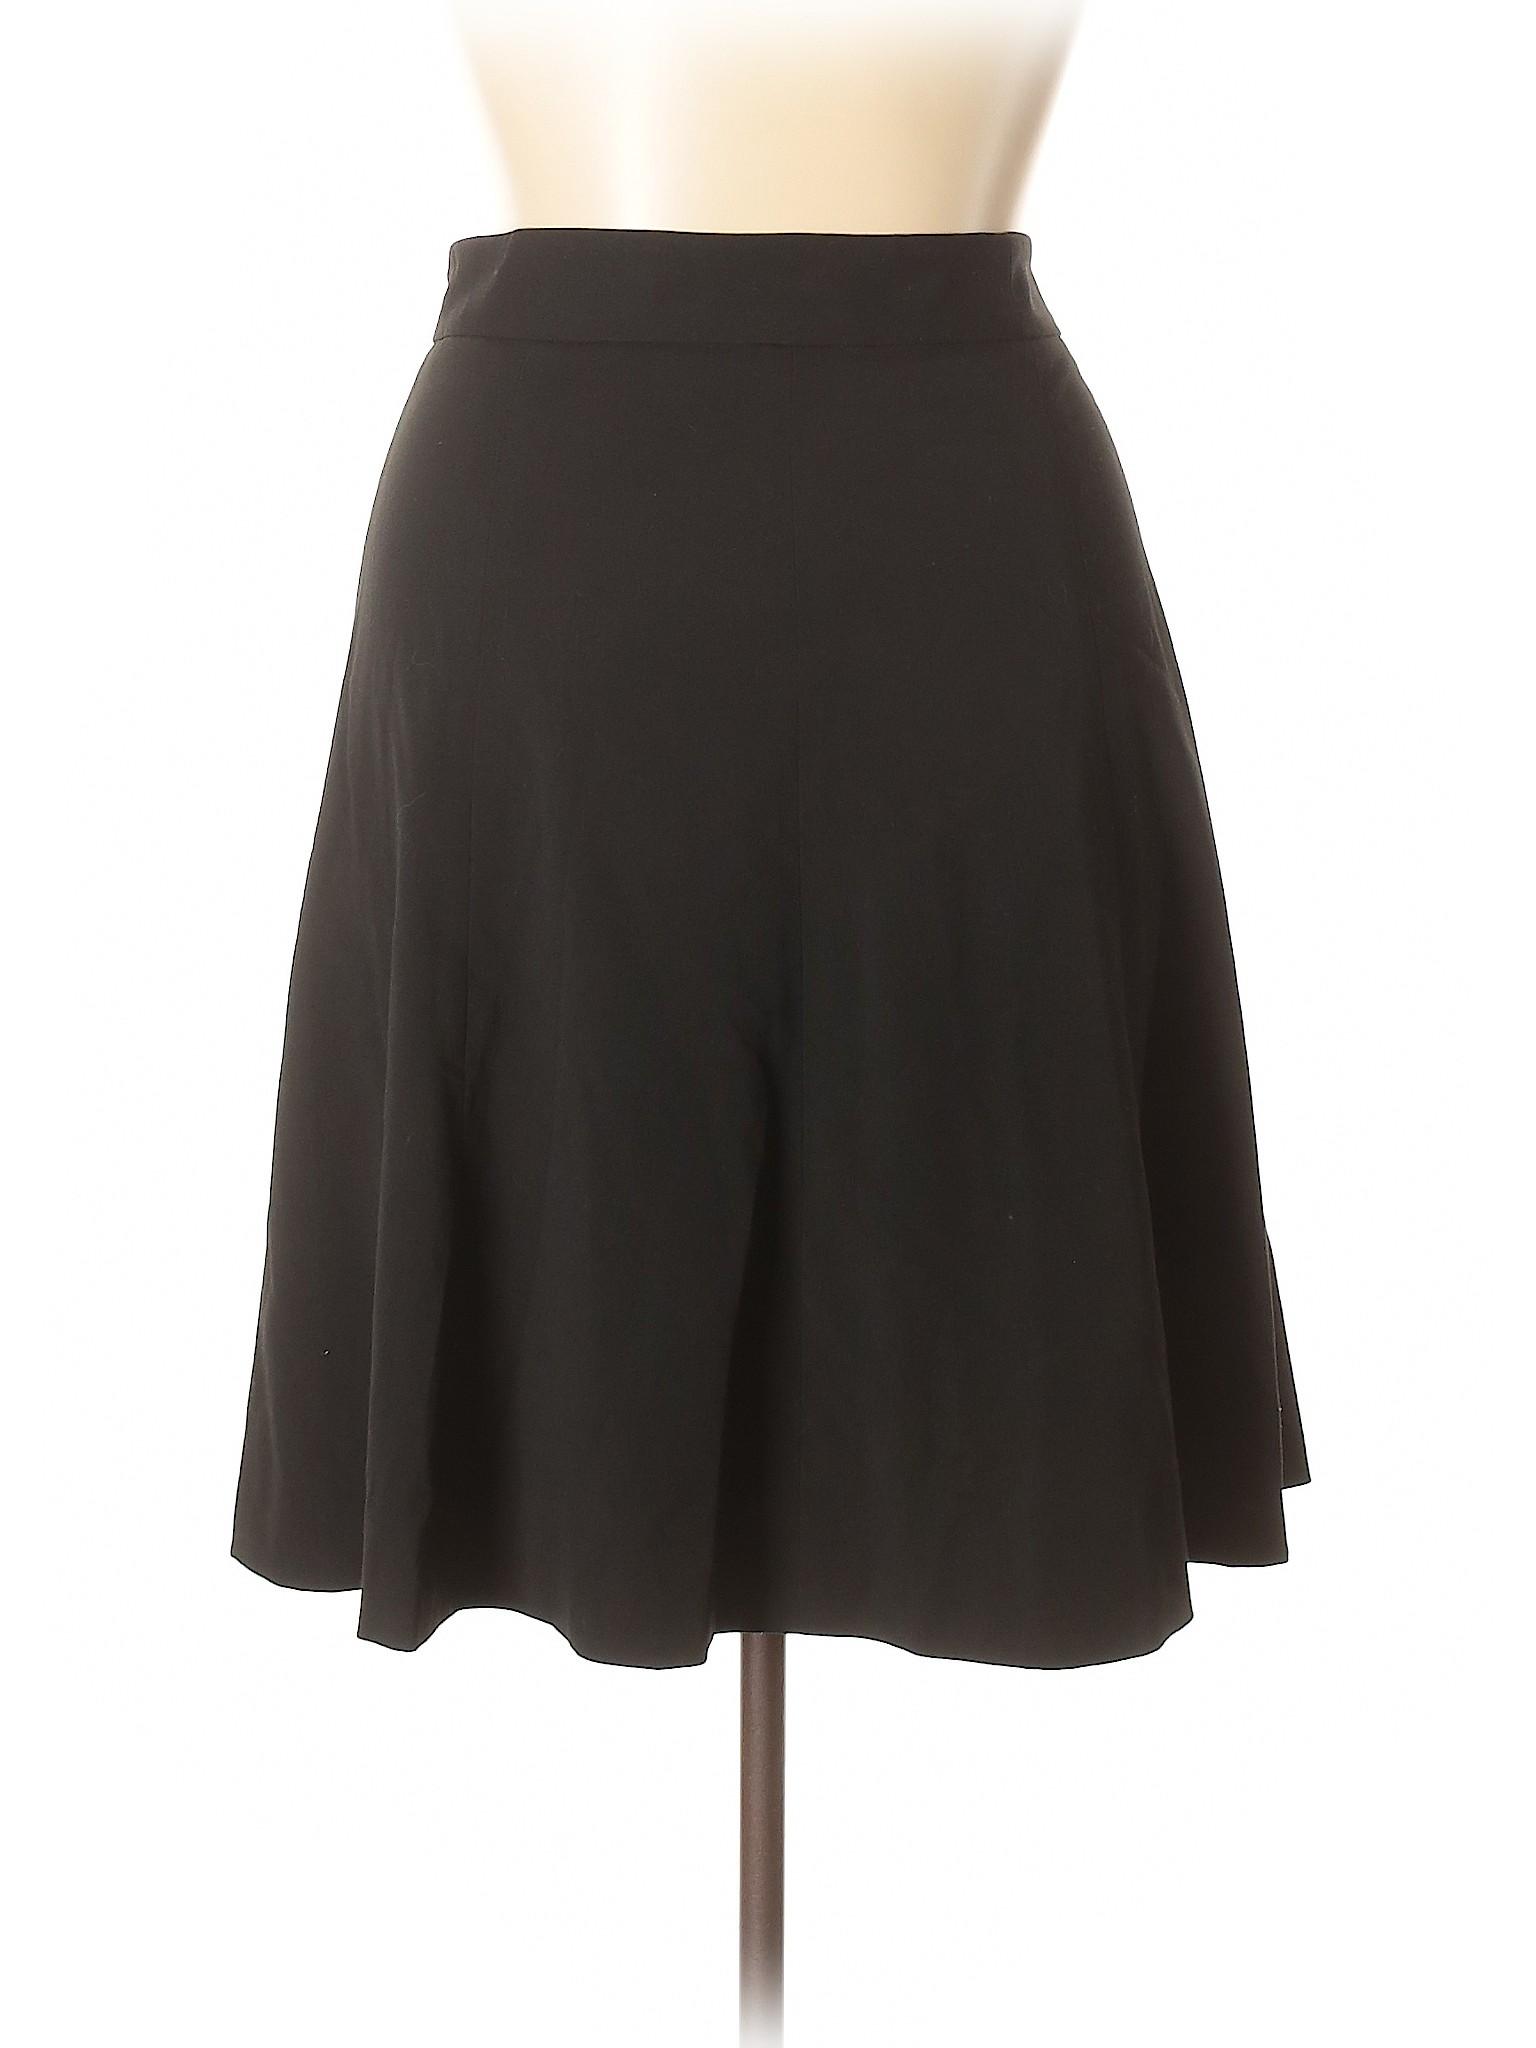 Boutique Covington Covington Skirt Casual Boutique Skirt Covington Boutique Casual Casual 5wxSqUf